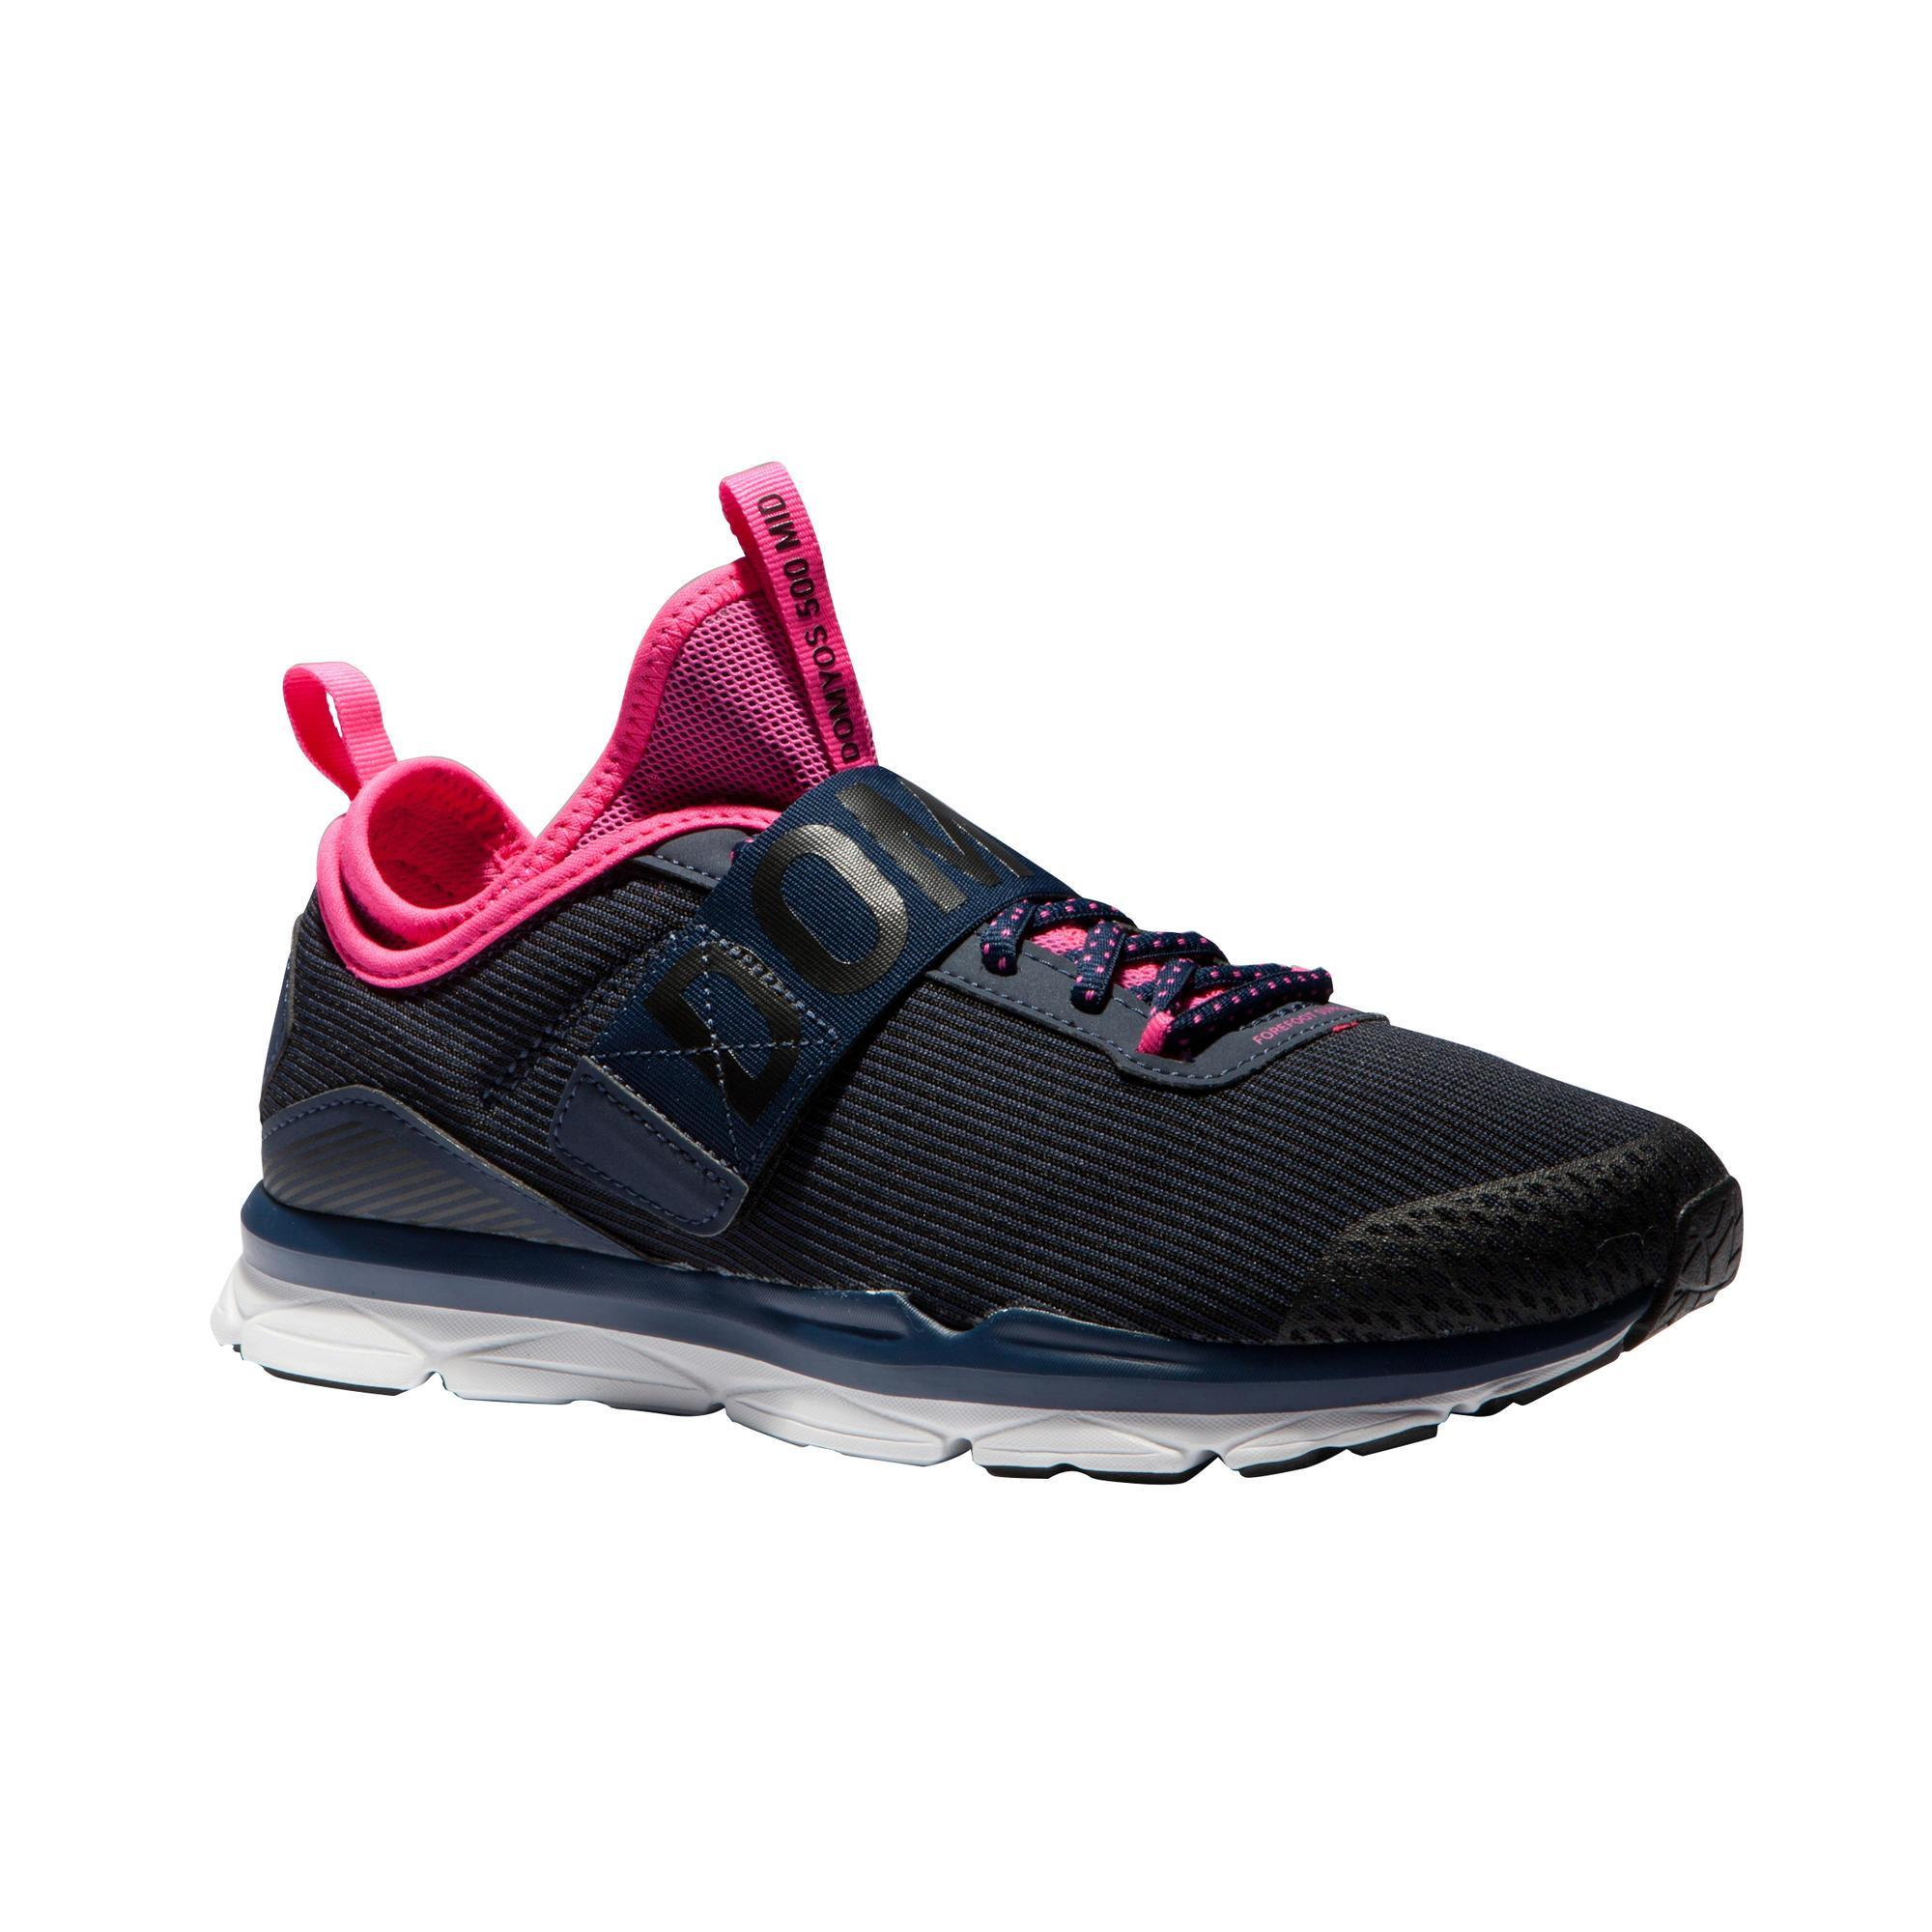 2531438 Domyos Fitnessschoenen cardiotraining 500 Mid dames blauw en roze